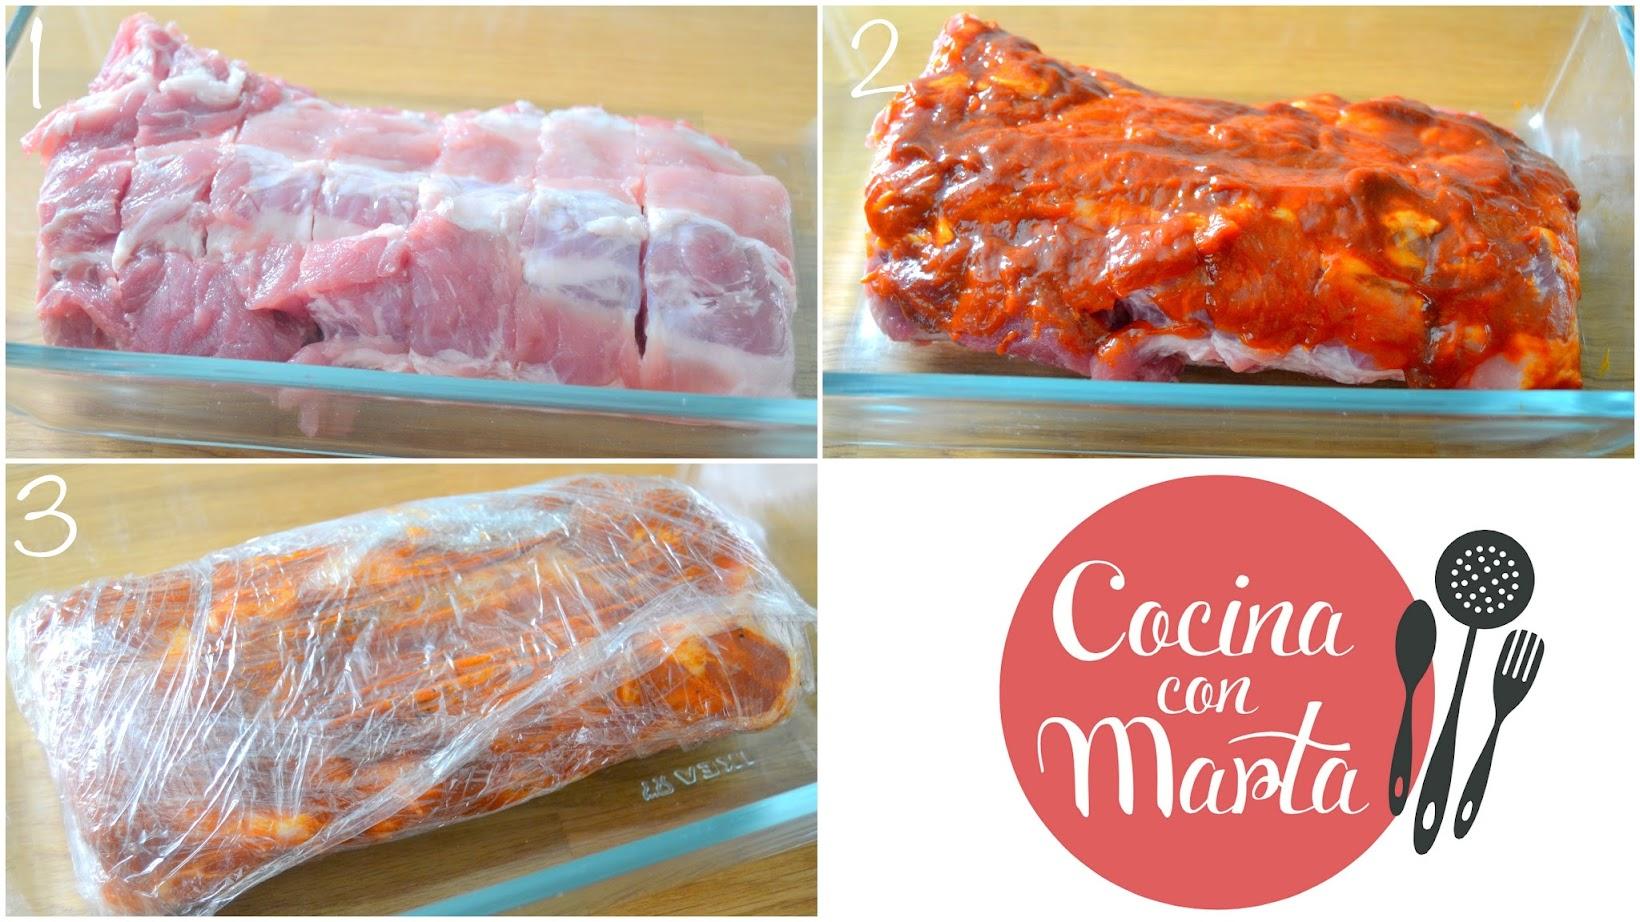 Receta casera costillas a la barbacoa,  salsa casera barbacoa, fáci, rápida, costillar, recetas americanas, Cocina con Marta